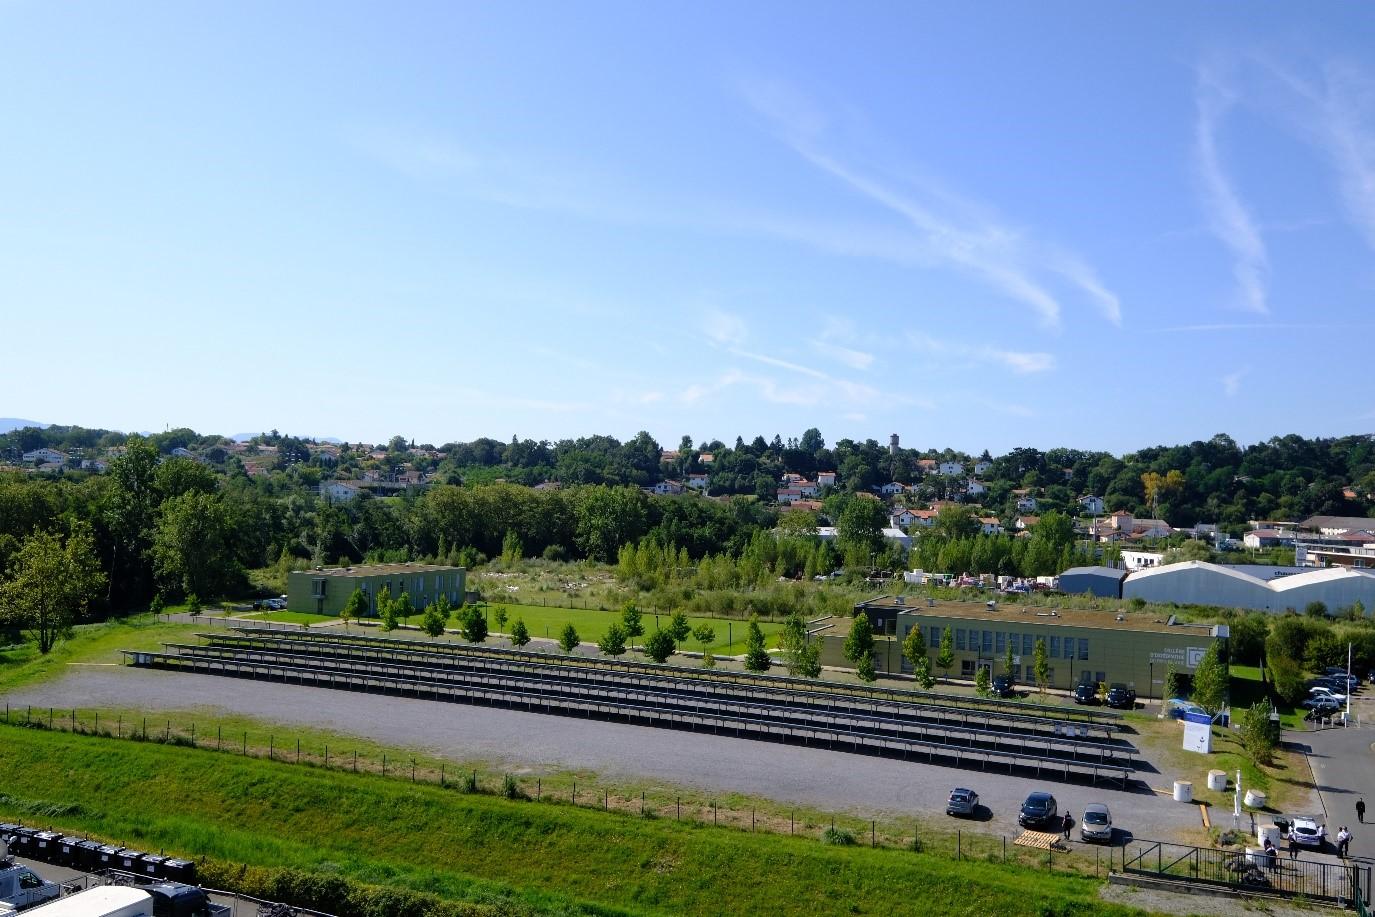 Vue de l'installation photovoltaïque déployée par Engie lors du G7 de Biarritz